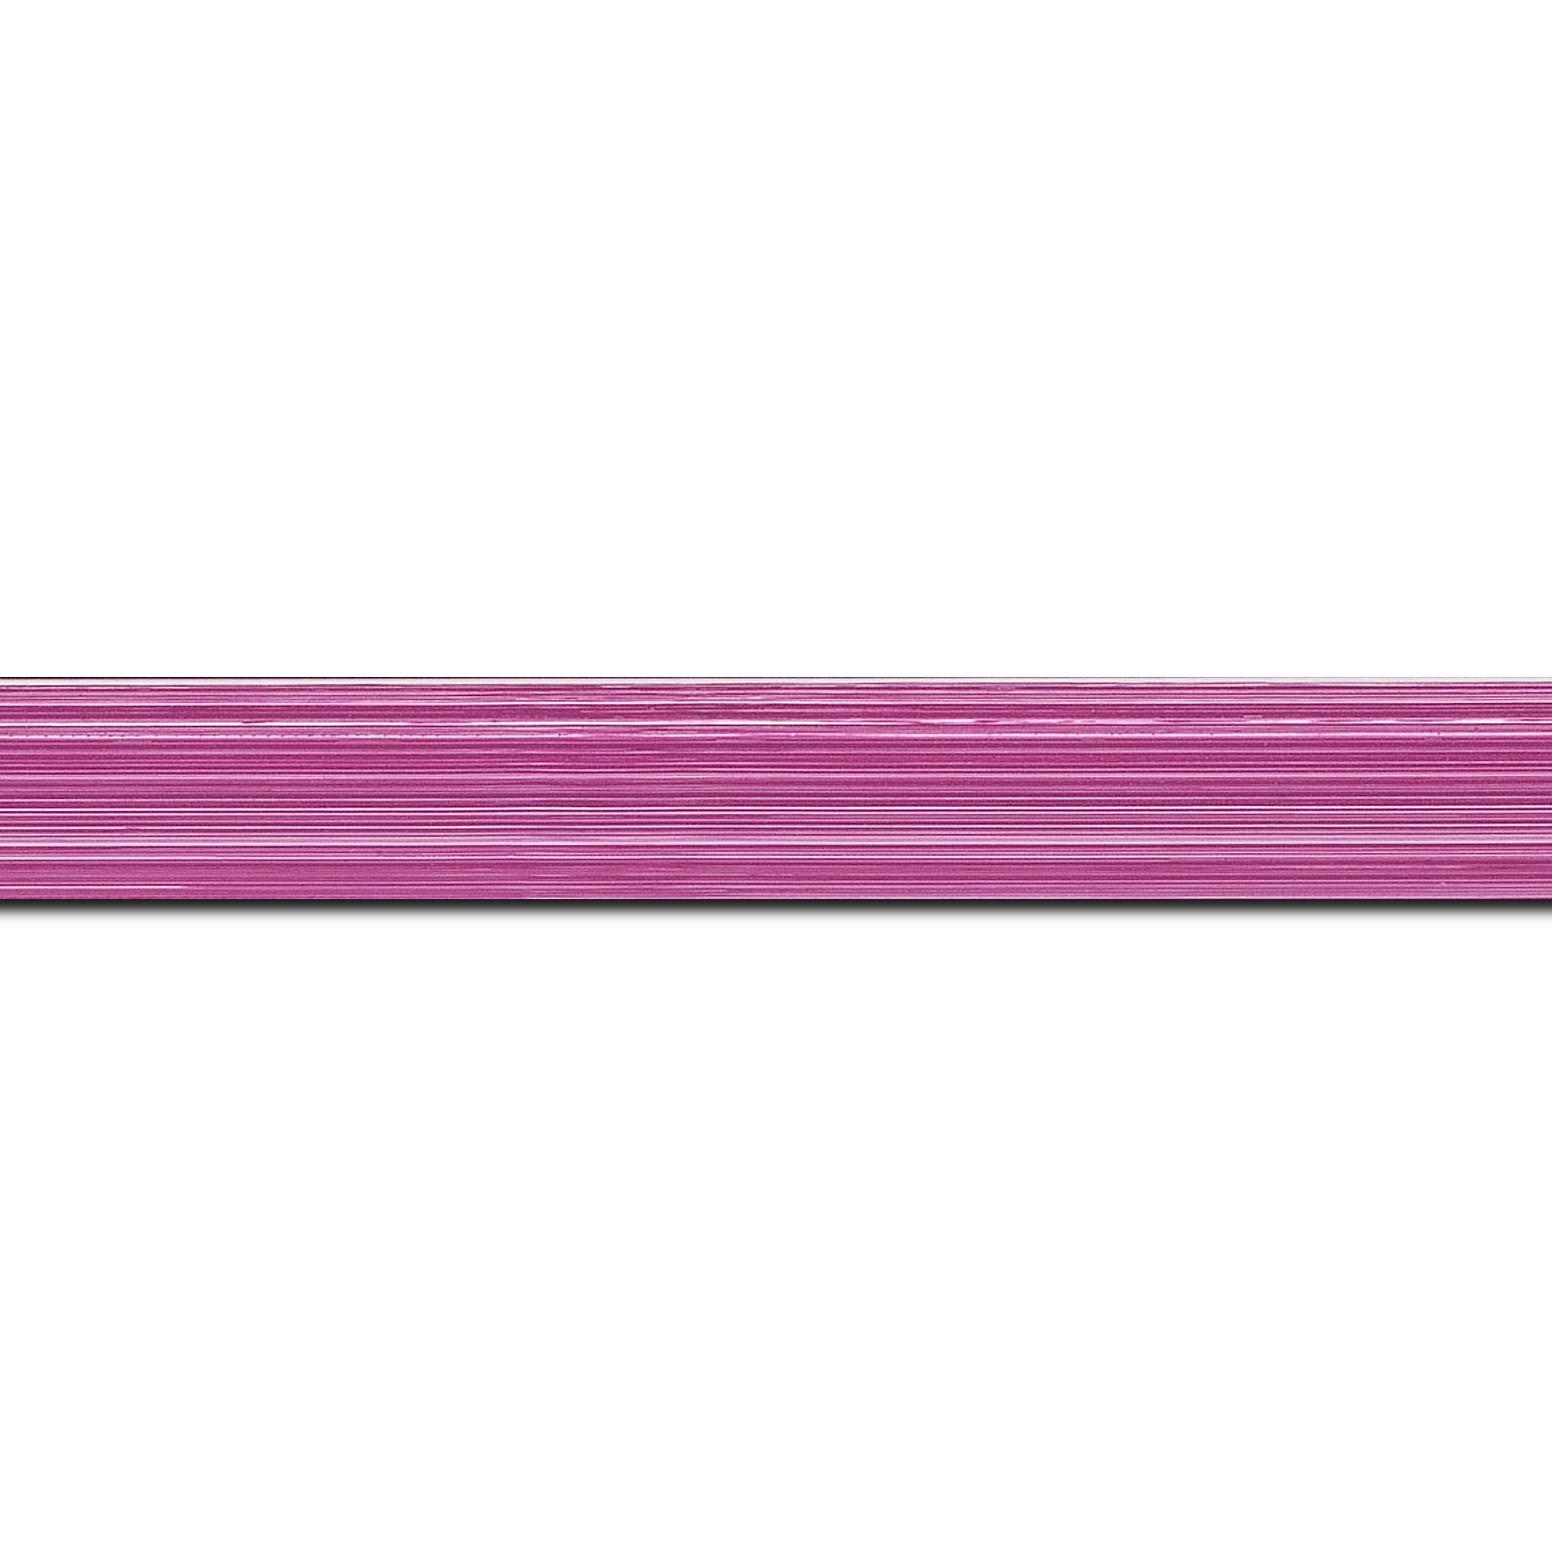 Baguette longueur 1.40m bois profil concave largeur 2.4cm couleur fushia effet matière fond blanc